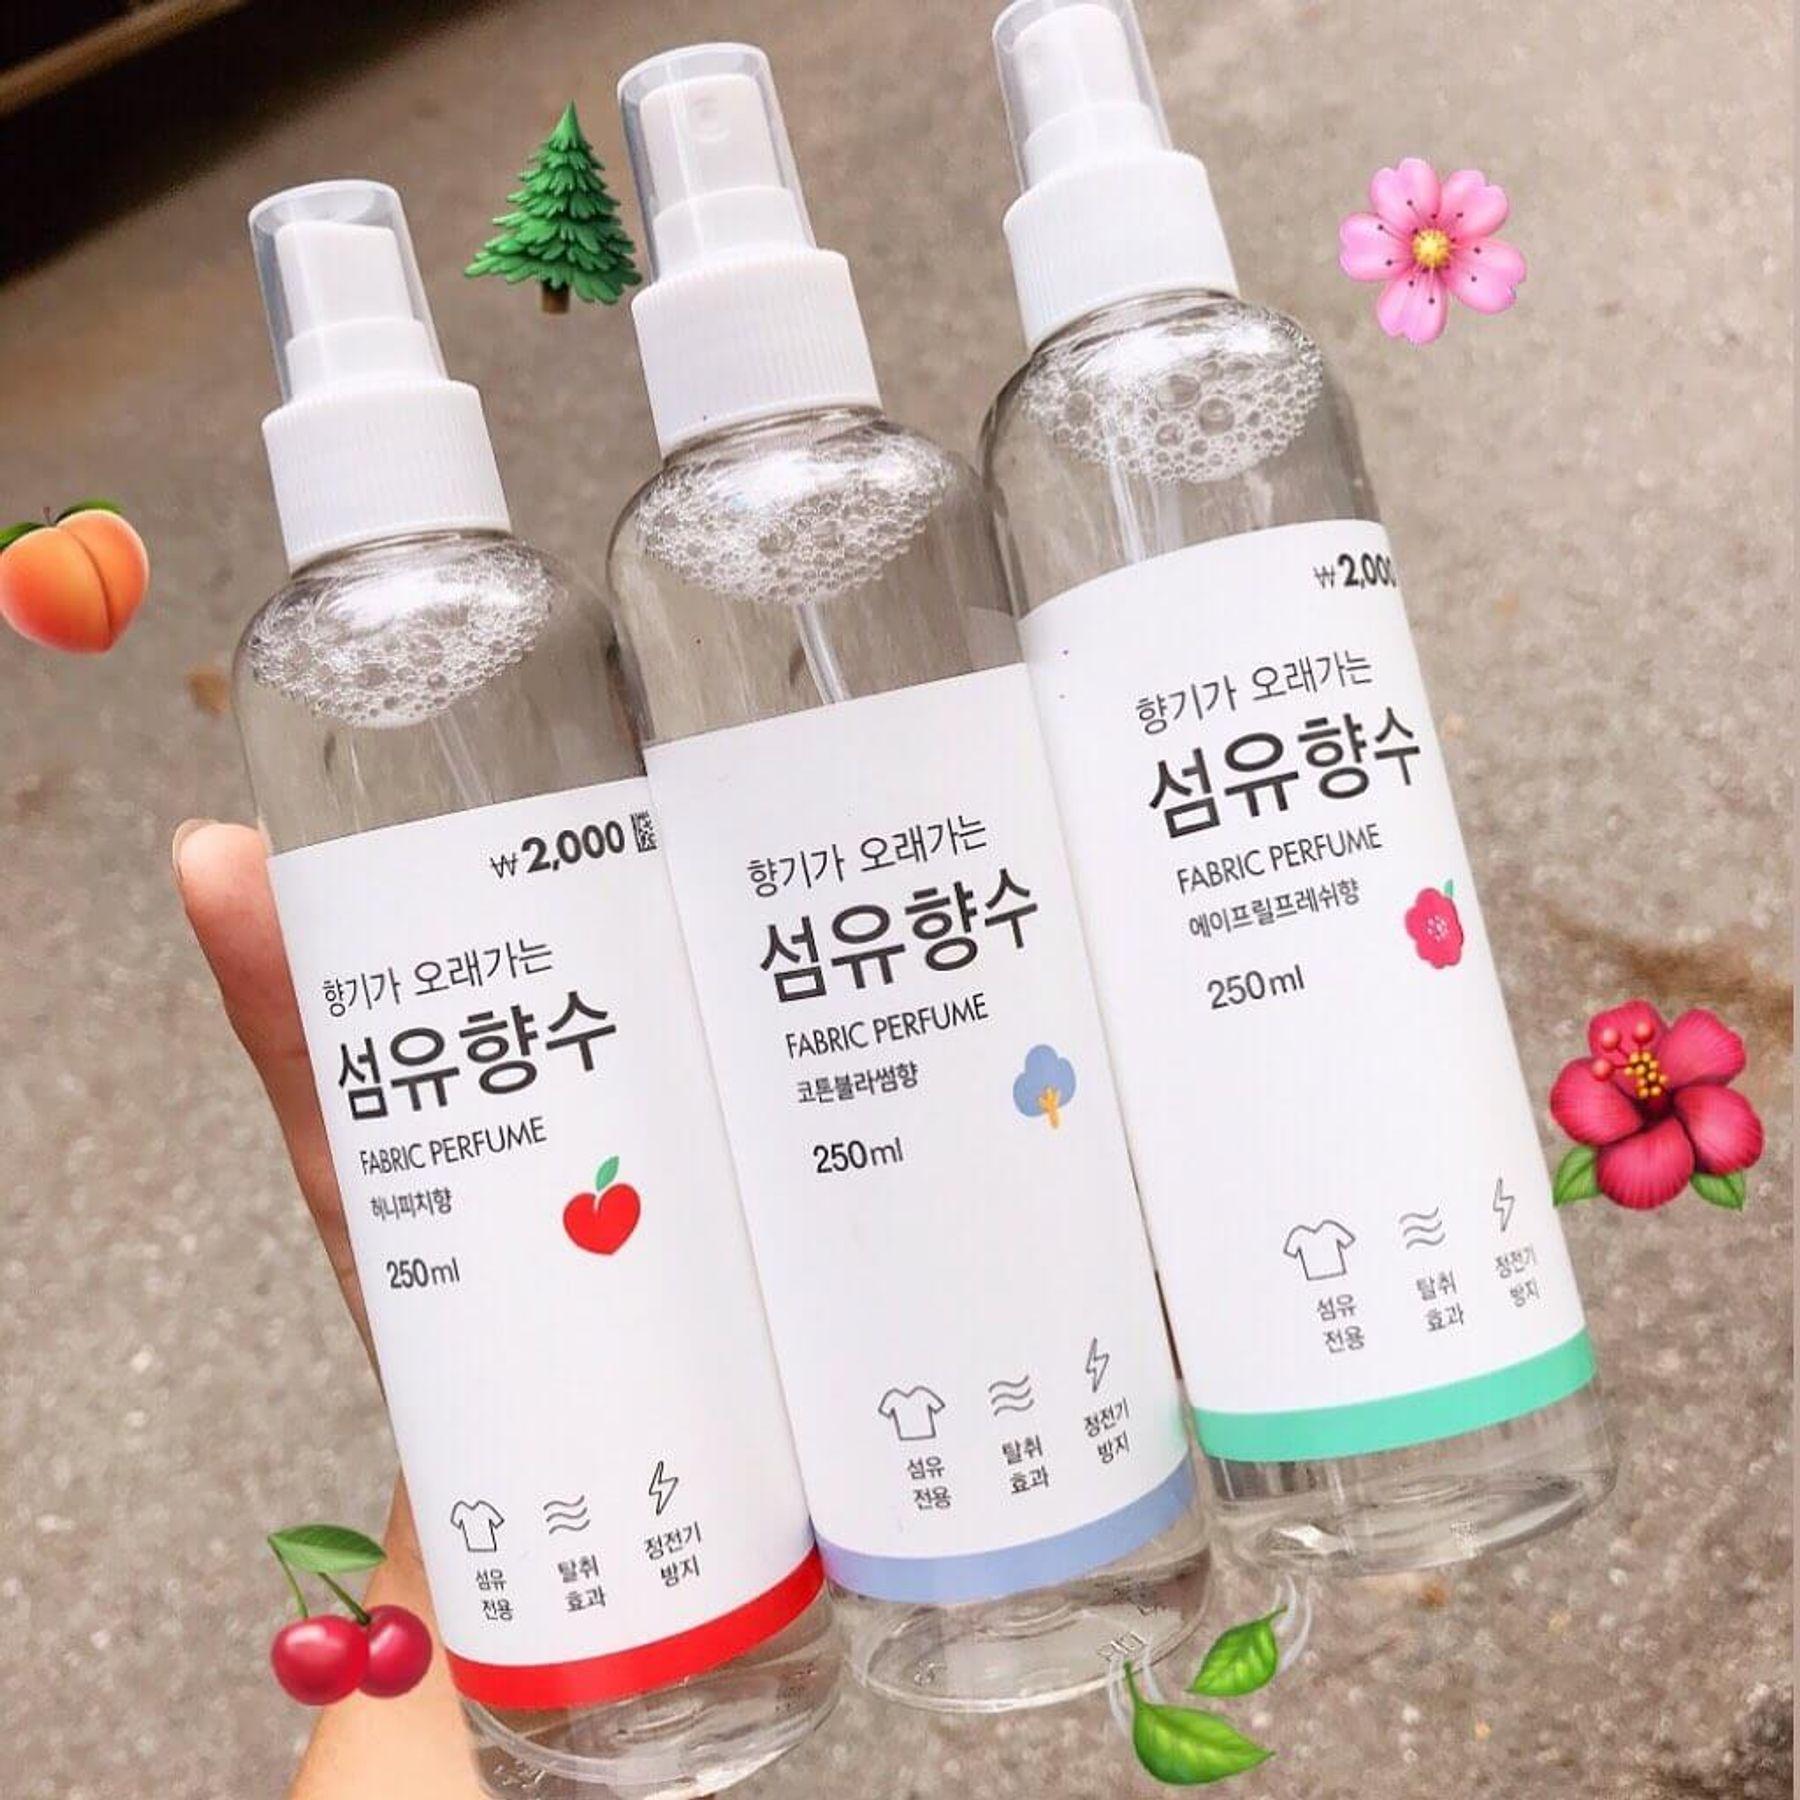 Xịt thơm quần áo Fabric Perfume nội địa Hàn Quốc